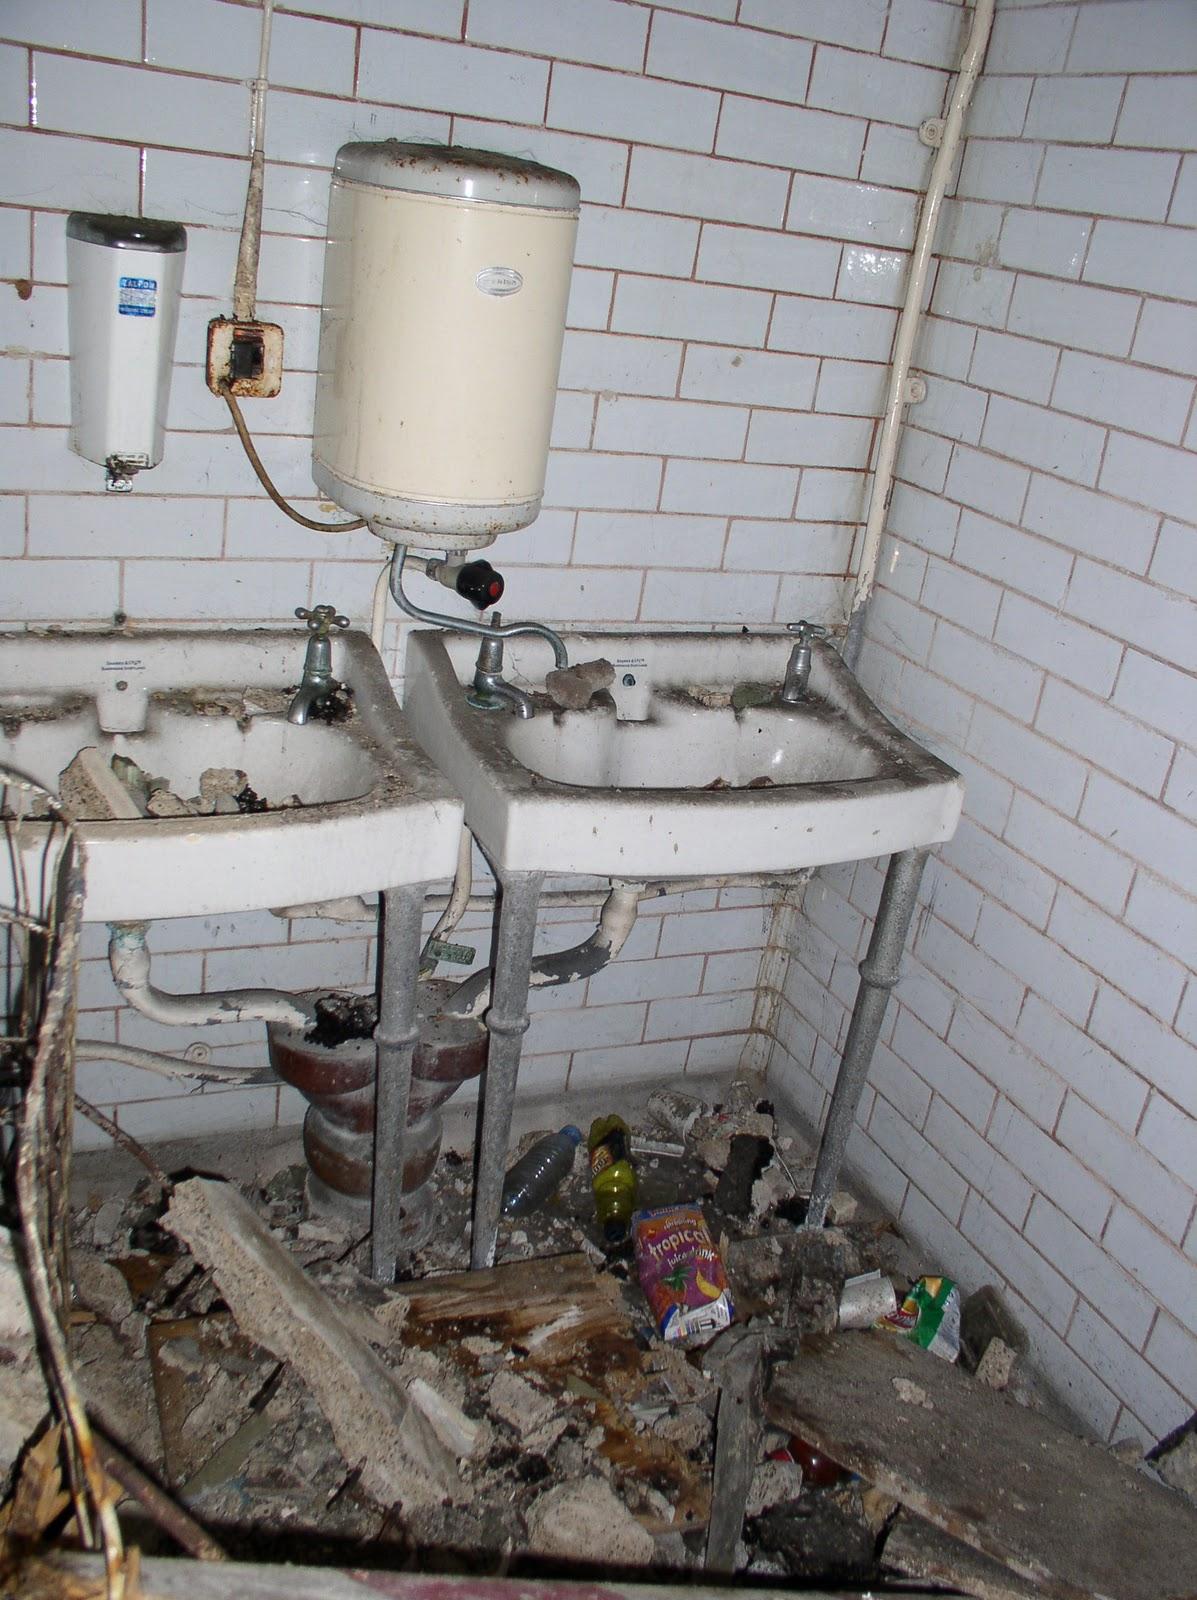 lavabo roto